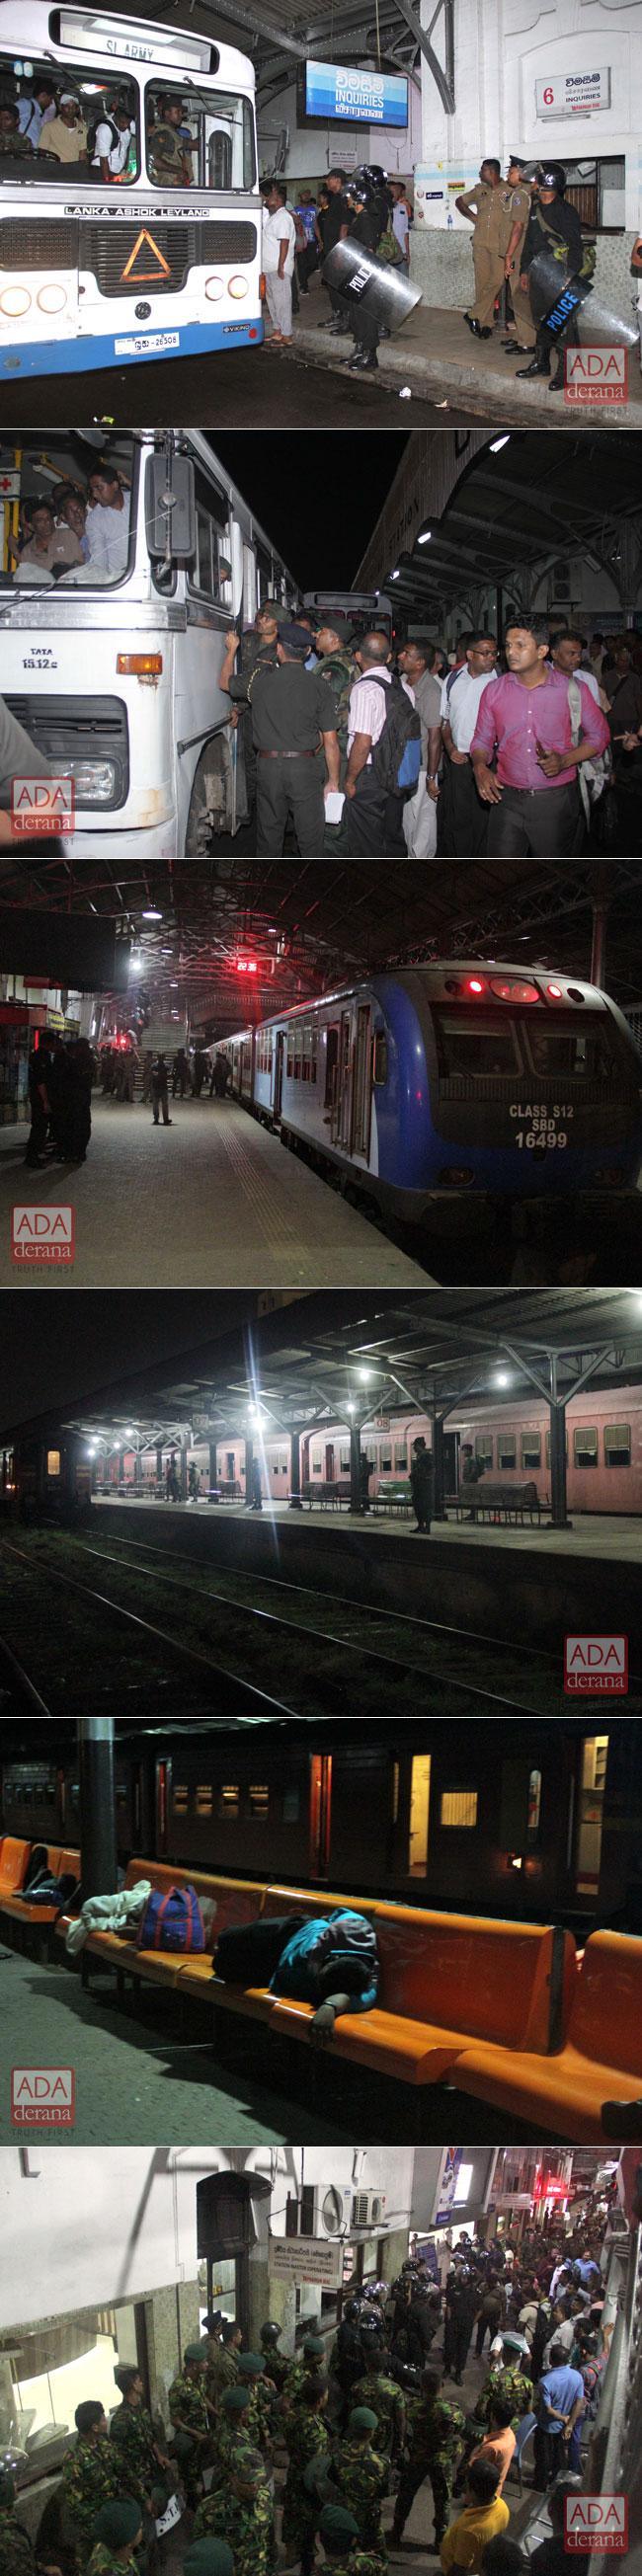 Anger over railway strike...